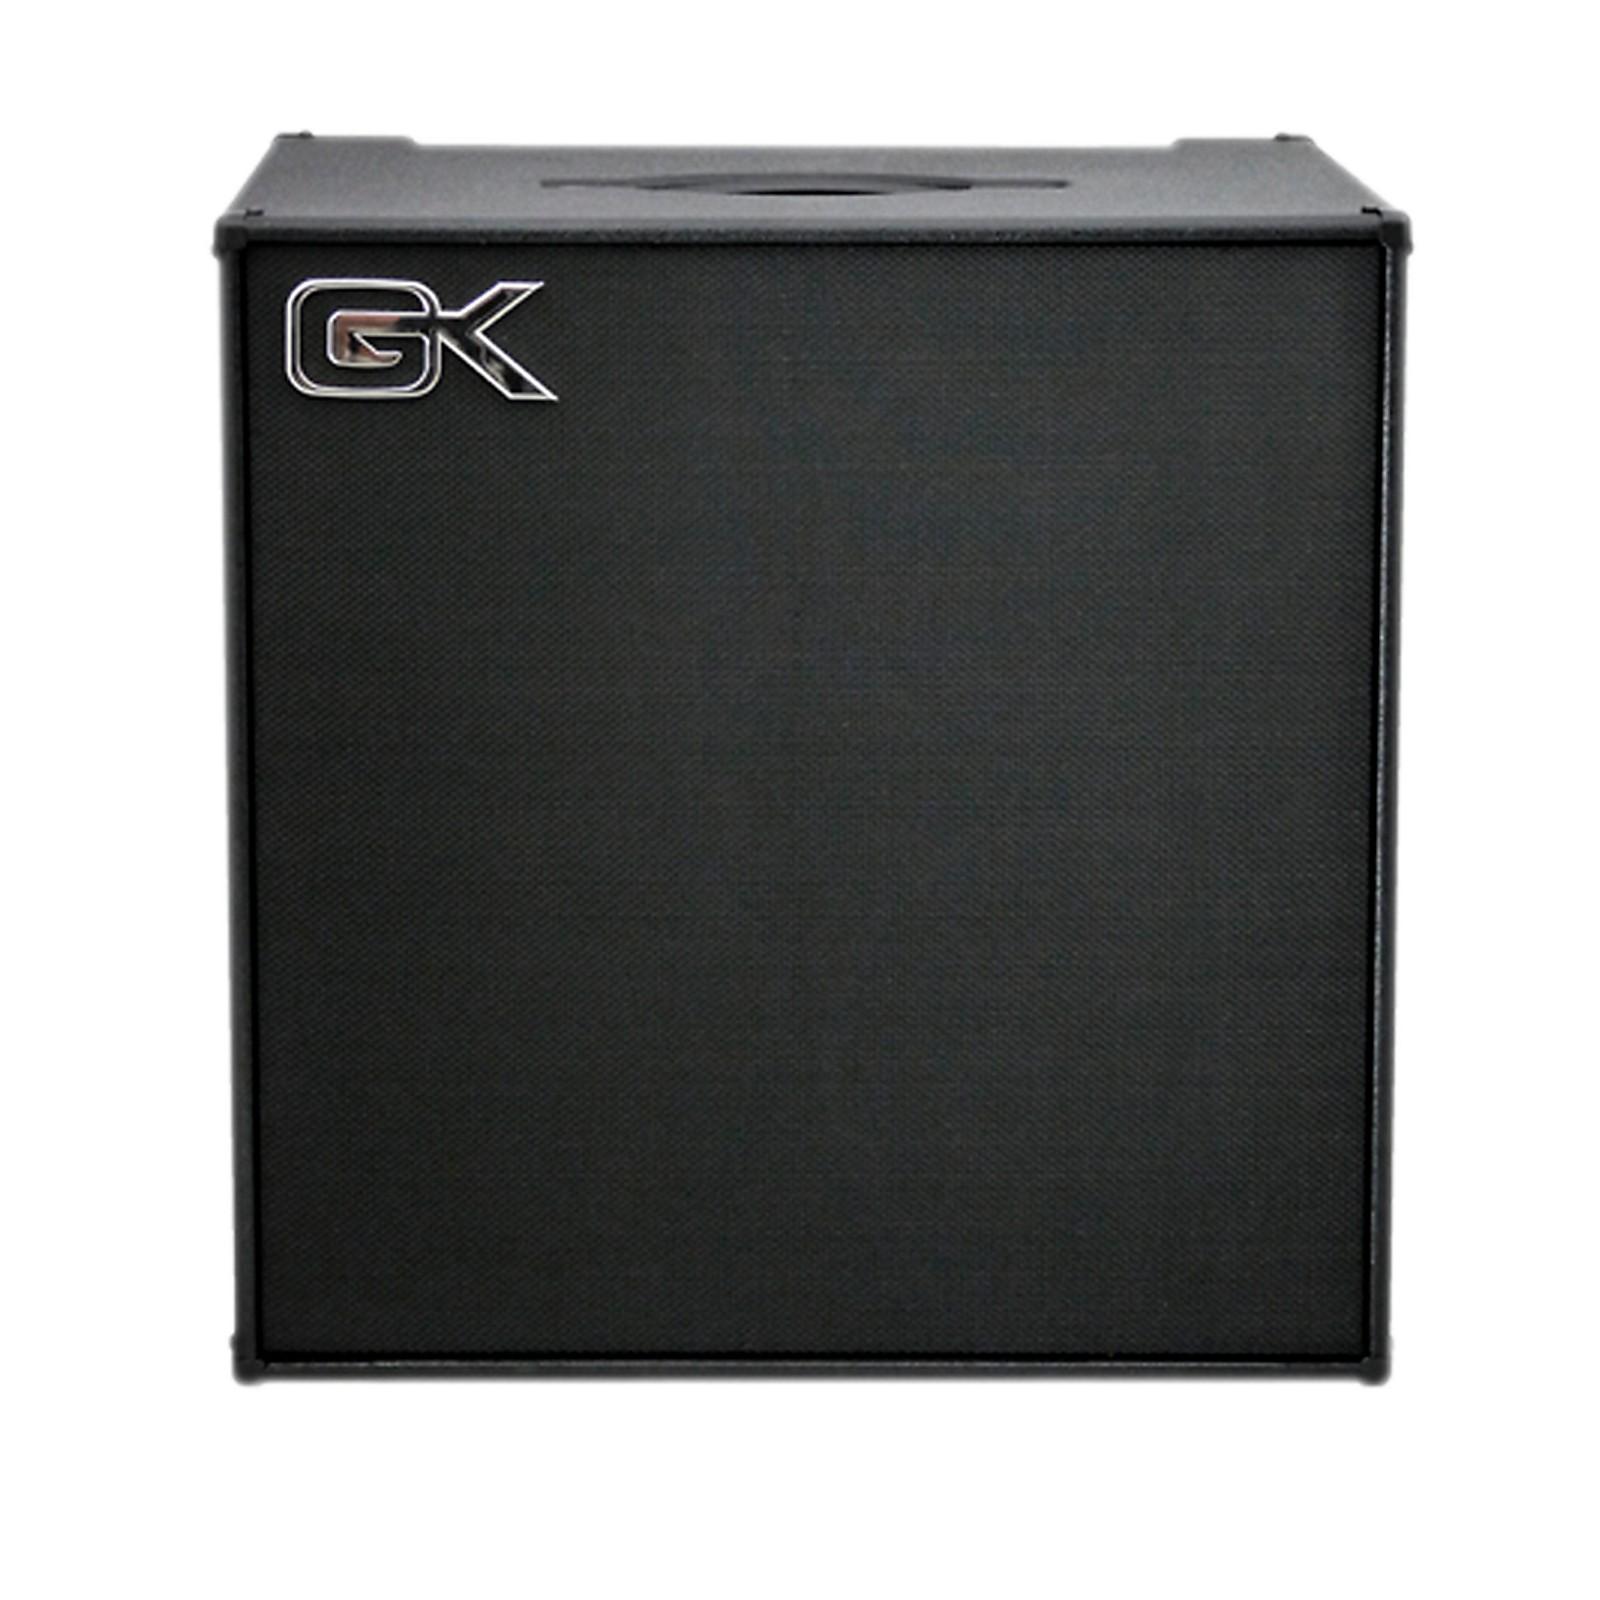 Gallien-Krueger MB410 500W 4x10 Ultralight Bass Combo Amp